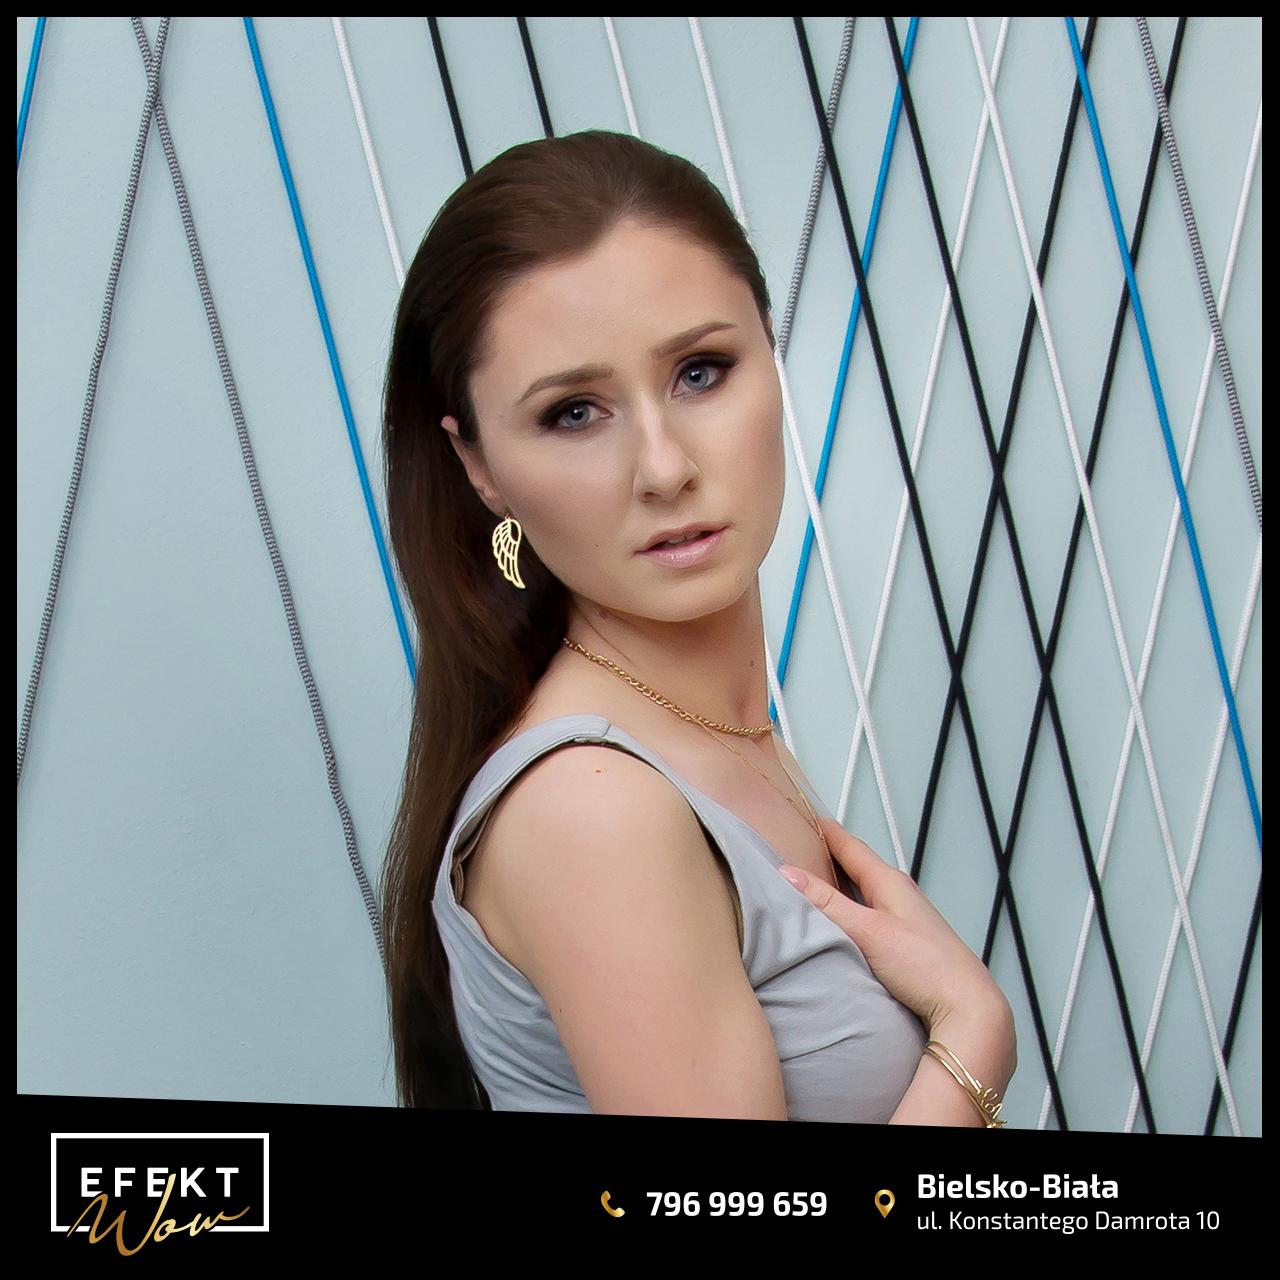 efekt_wow_bielsko_biala_salon_kosmetyczny_makijaże_makijaż_4